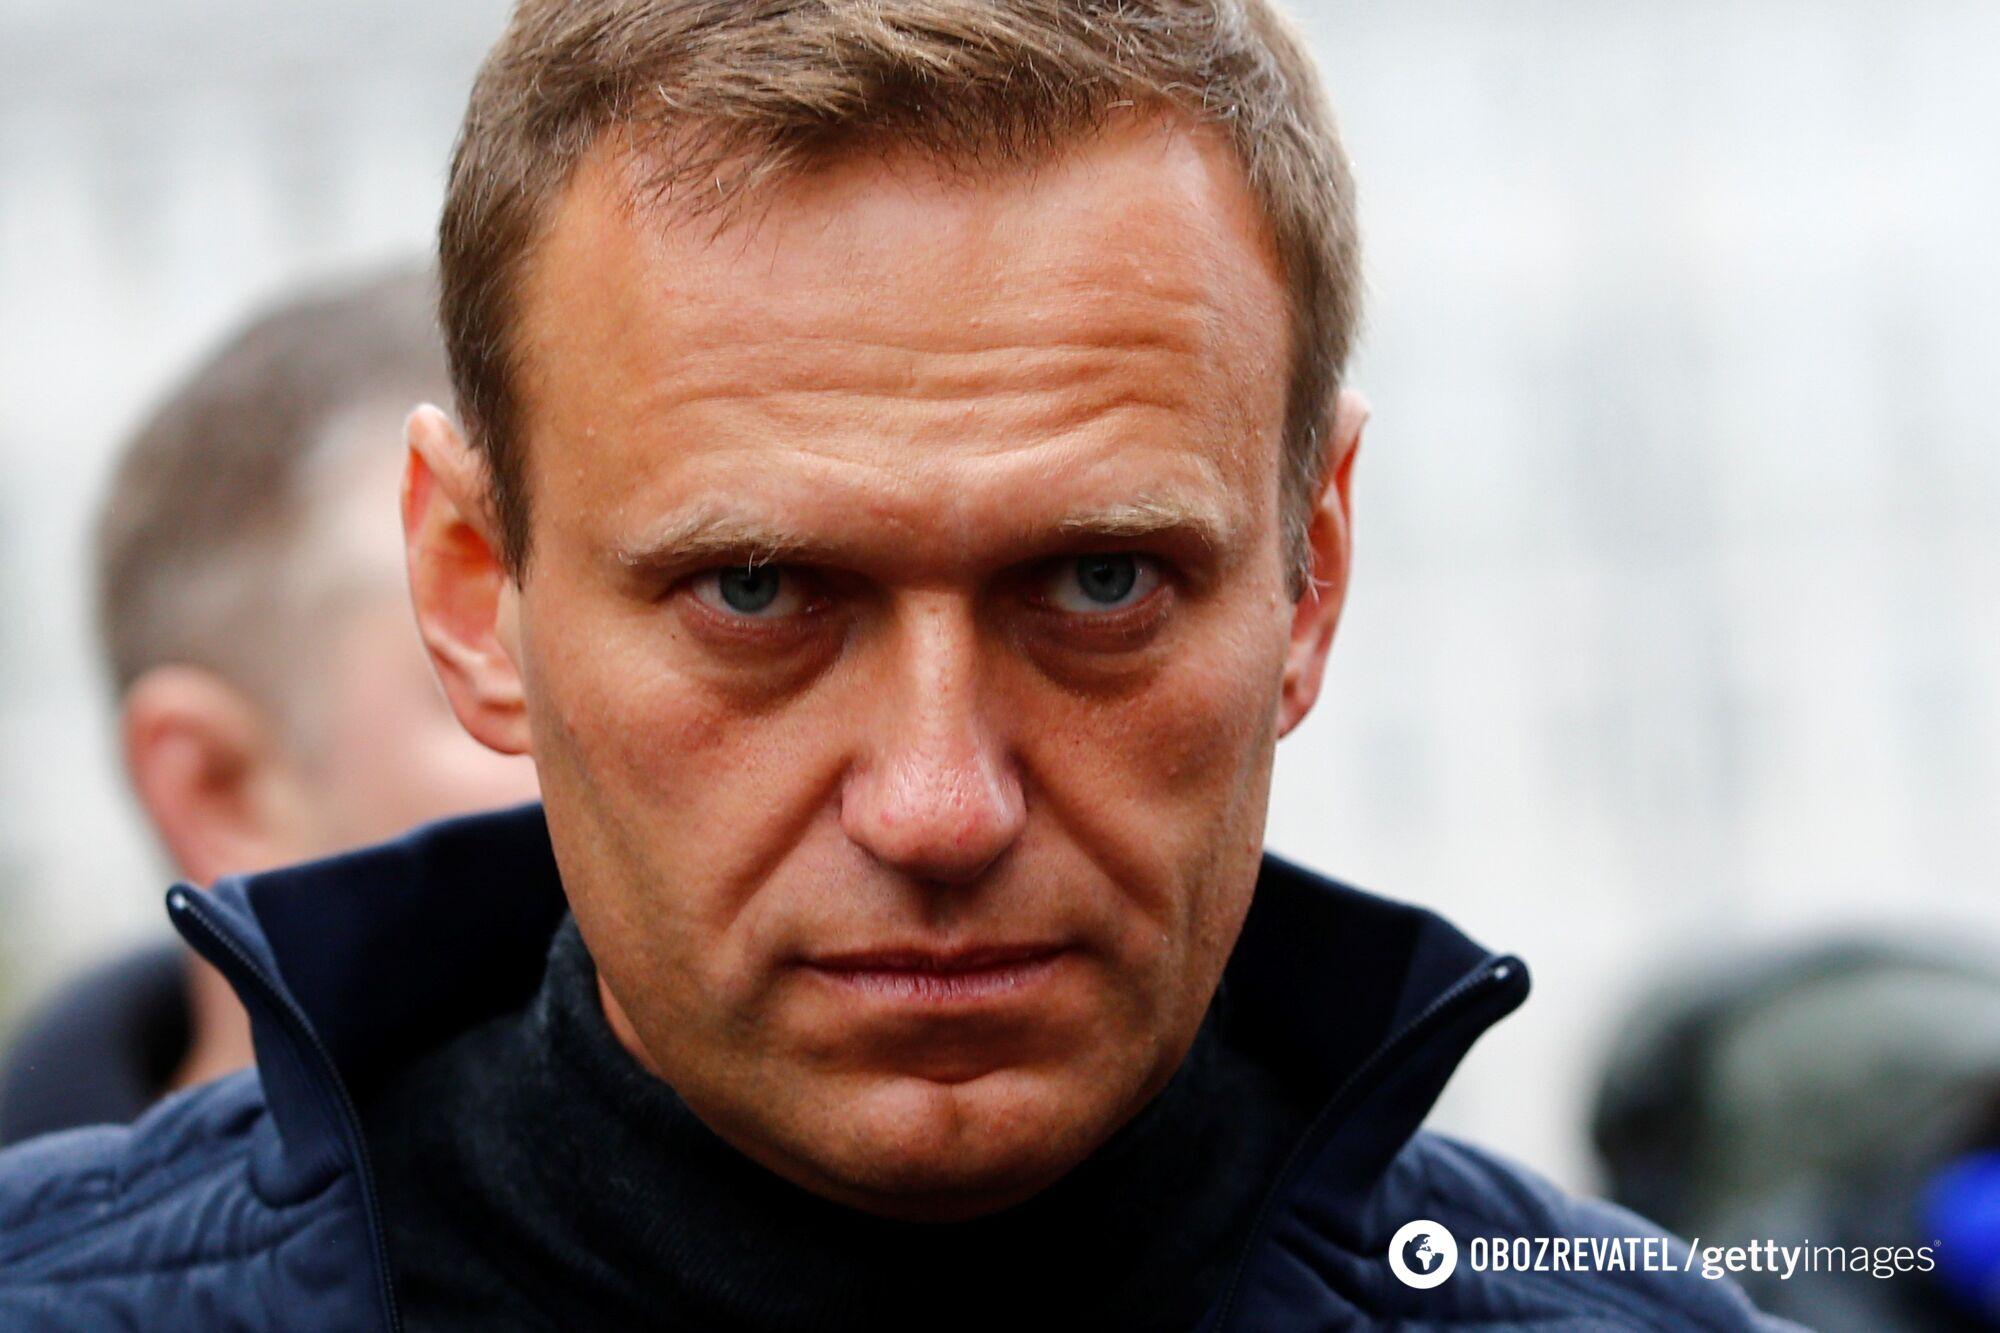 Олексій Навальний повернувся до Росії після лікування і піврічного перебування на Заході